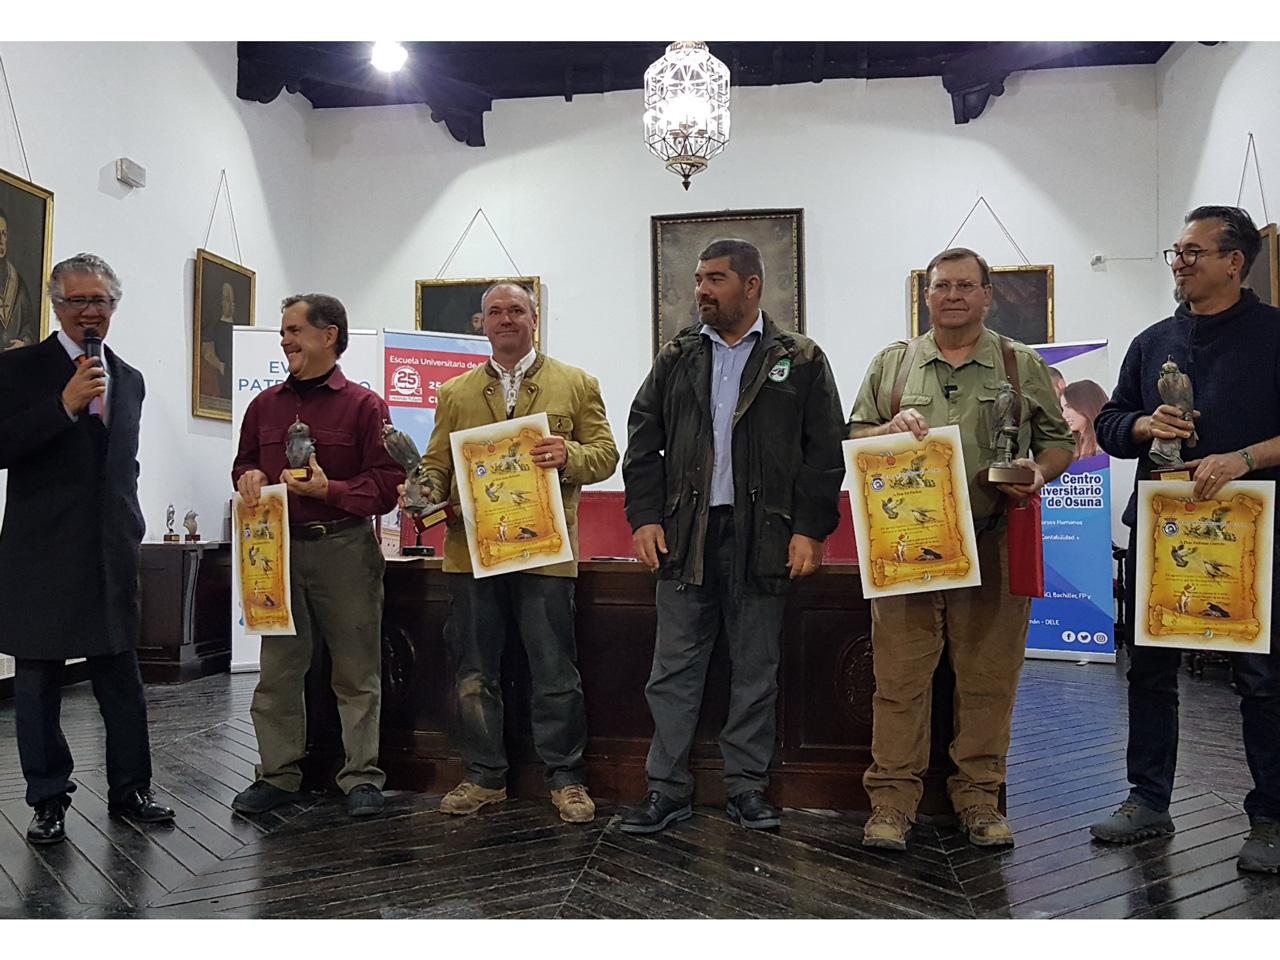 Campeonato de España de Cetrería 2019 - Entrega de premios